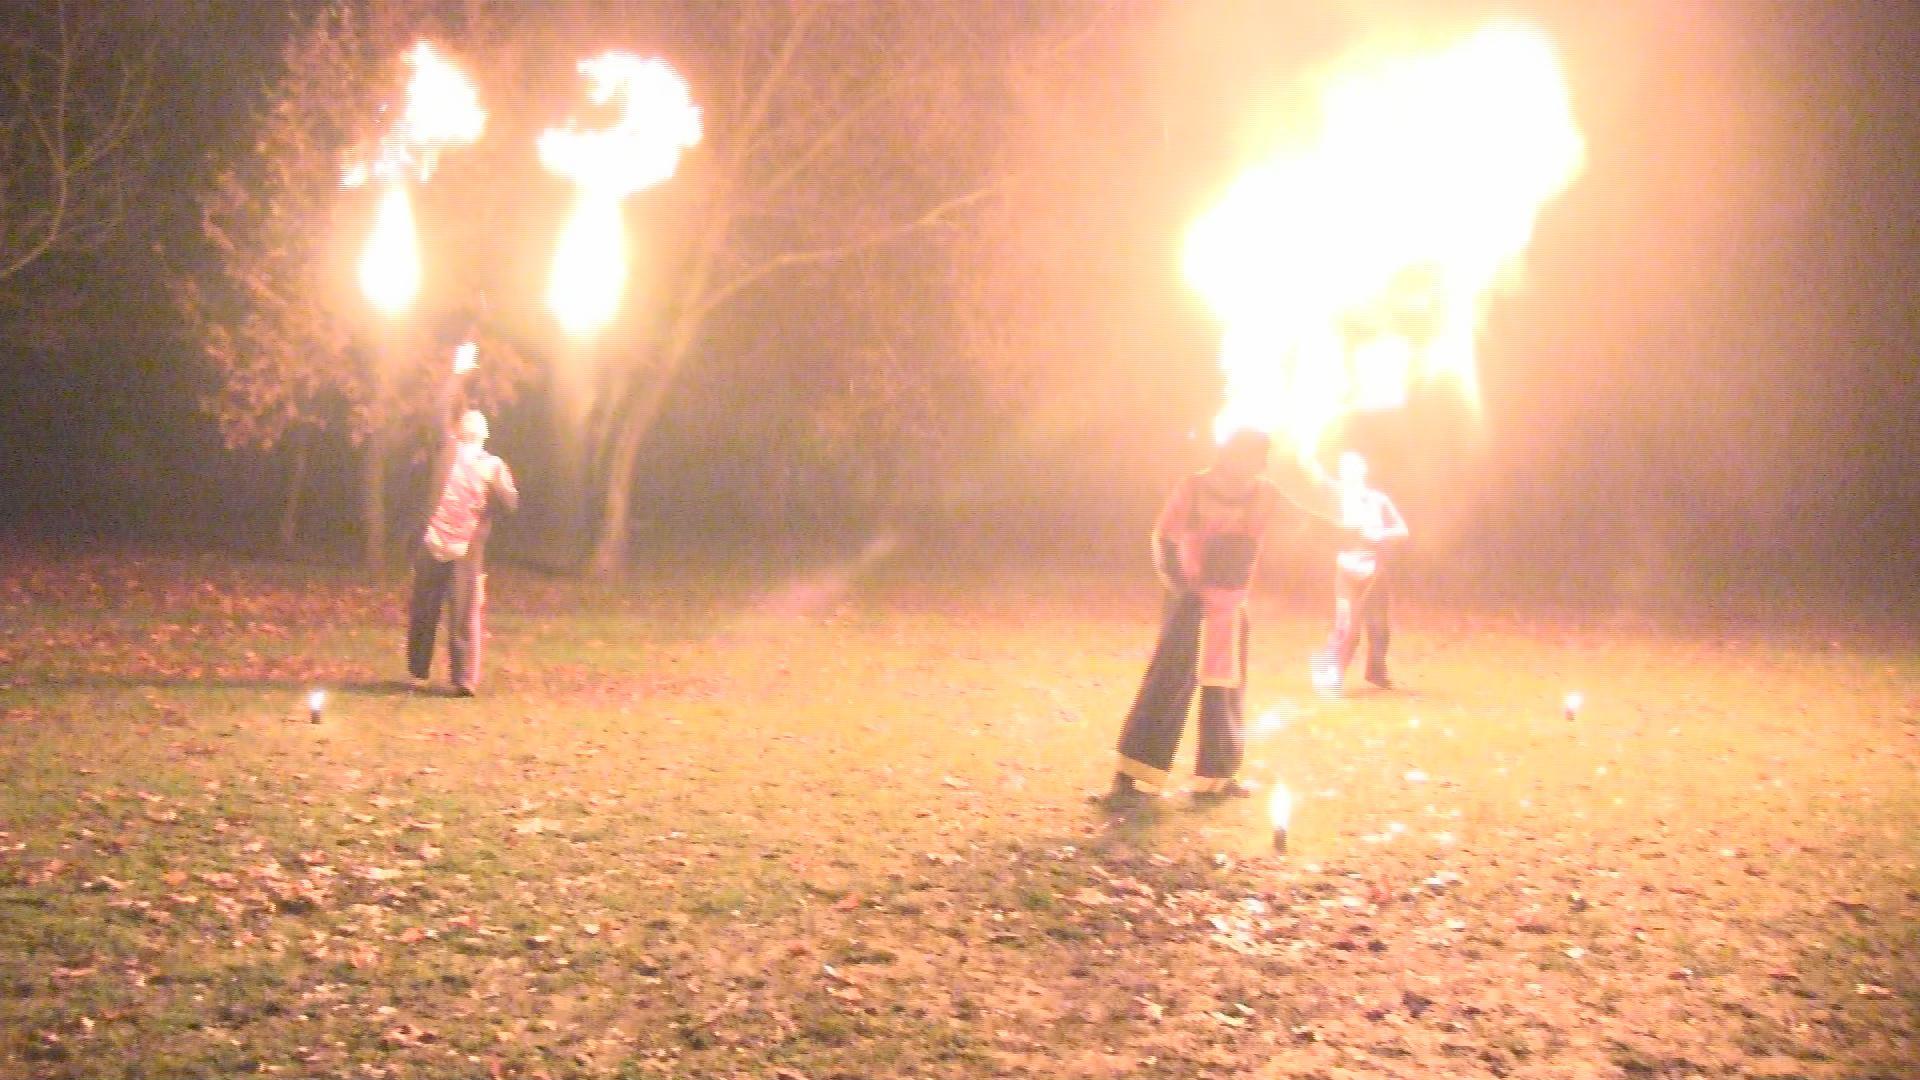 20 méteres lángok csaptak az égbe